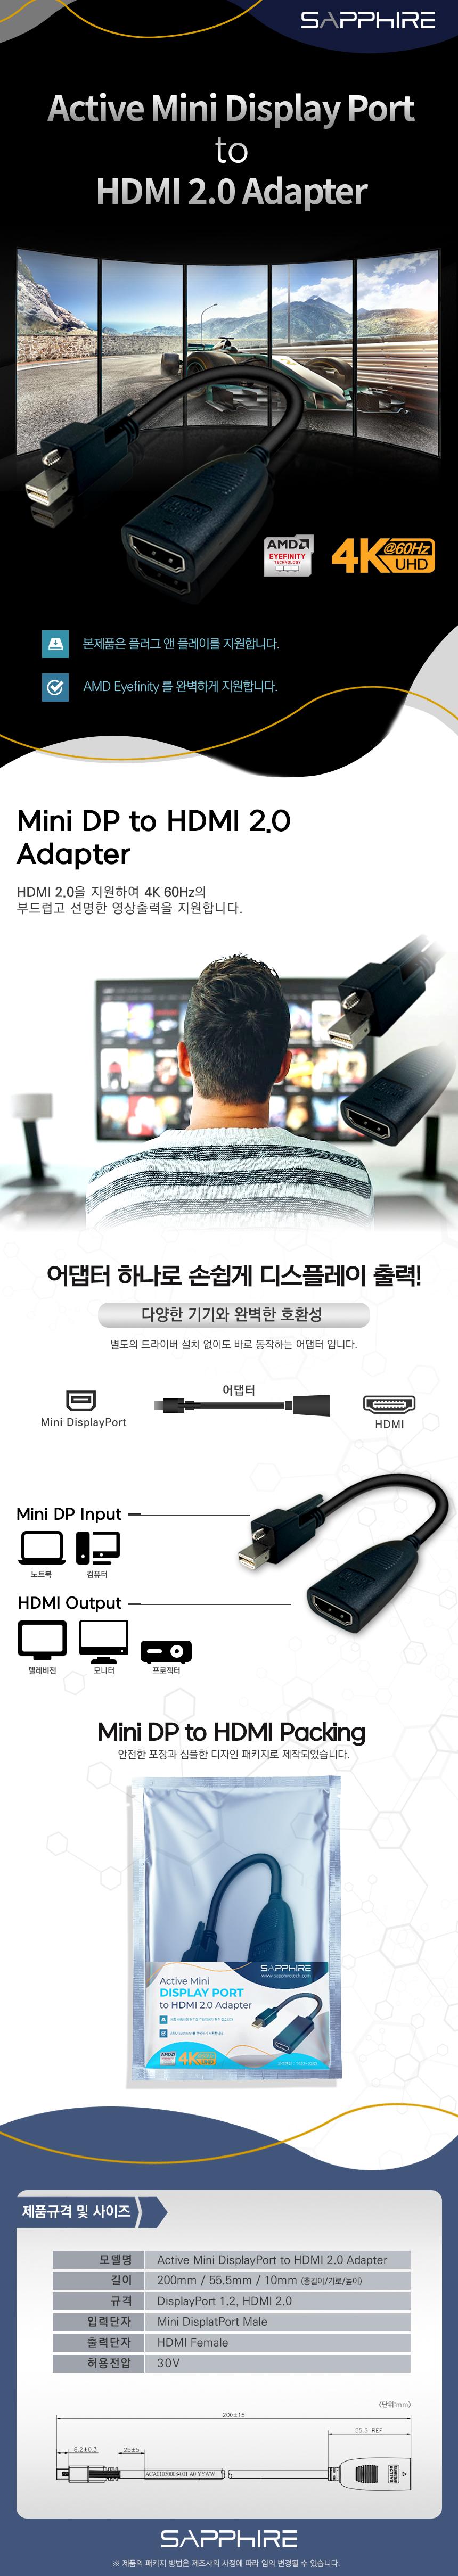 SAPPHIRE Active Mini DisplayPort to HDMI 2.0 변환 젠더